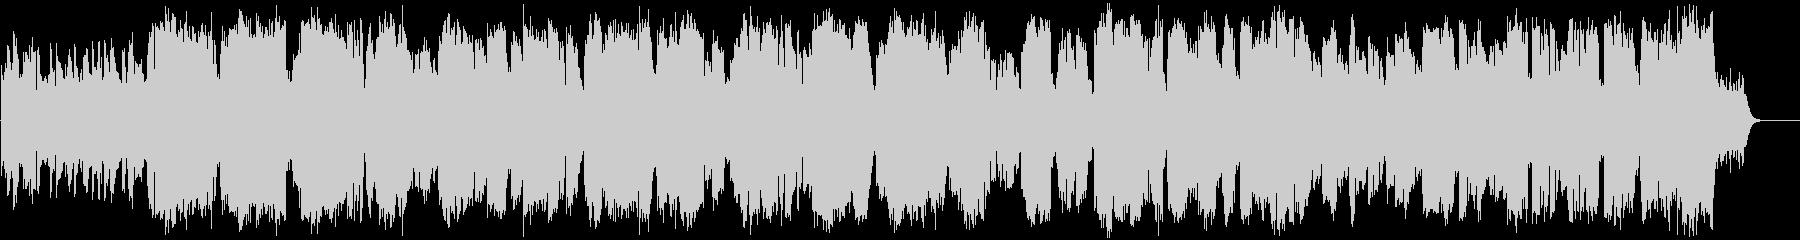 ケルティック風イメージで作った曲です。…の未再生の波形